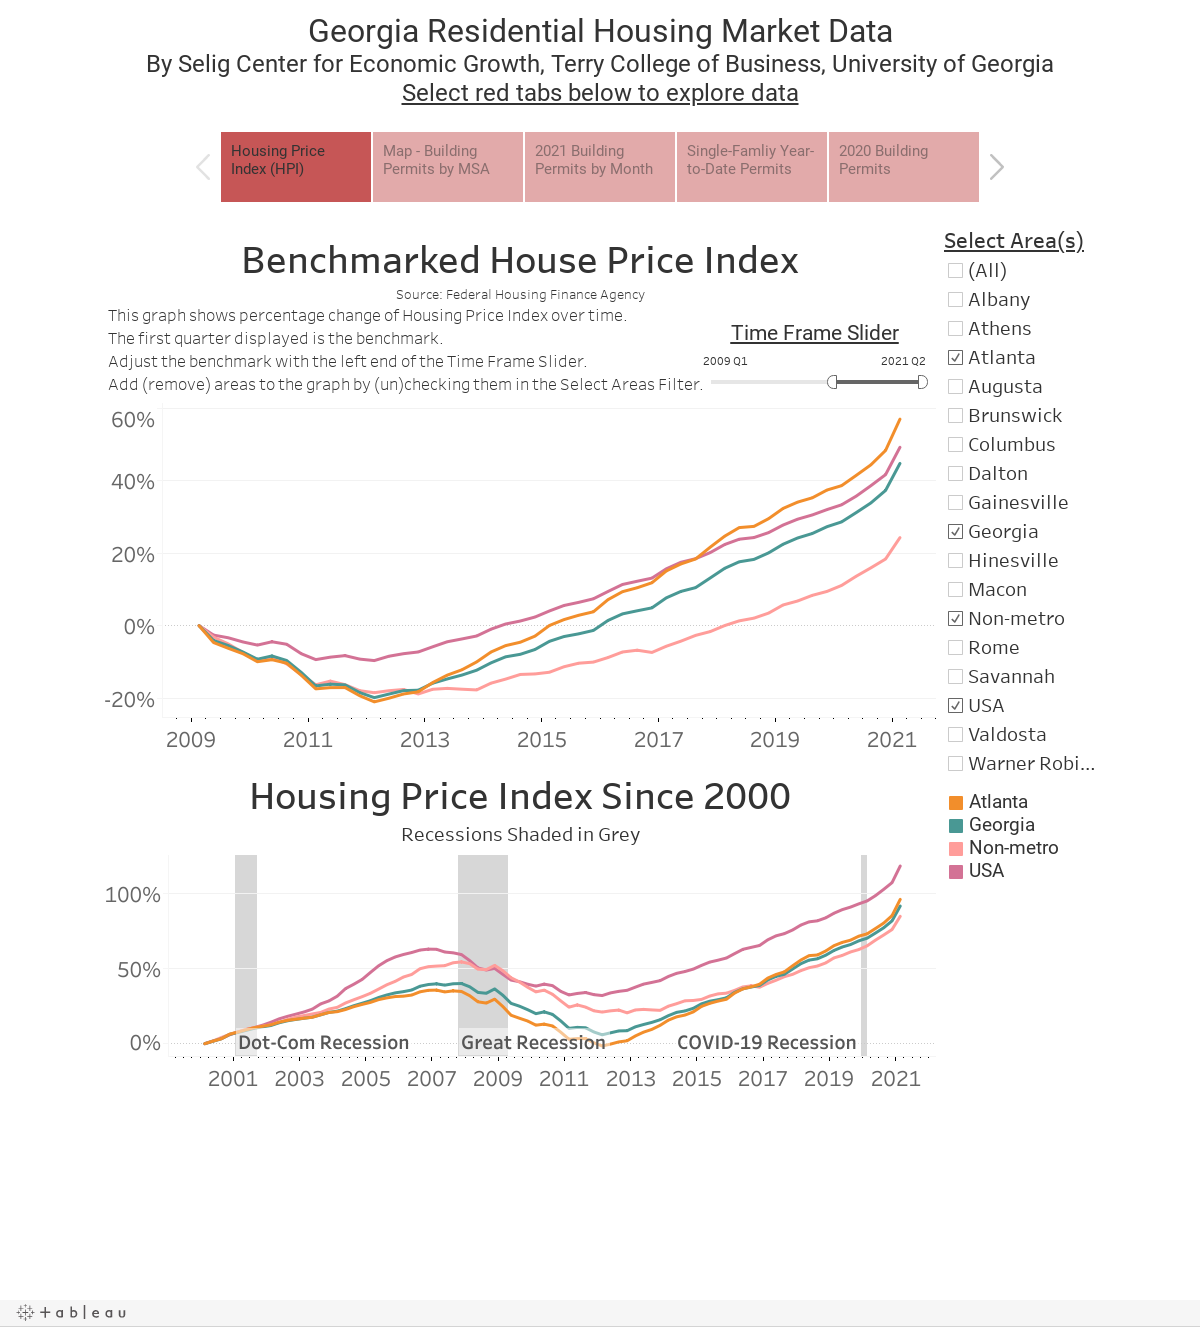 2020 Georgia Housing Permit Datasource: U.S. Census Bureauhttps://www2.census.gov/econ/bps/